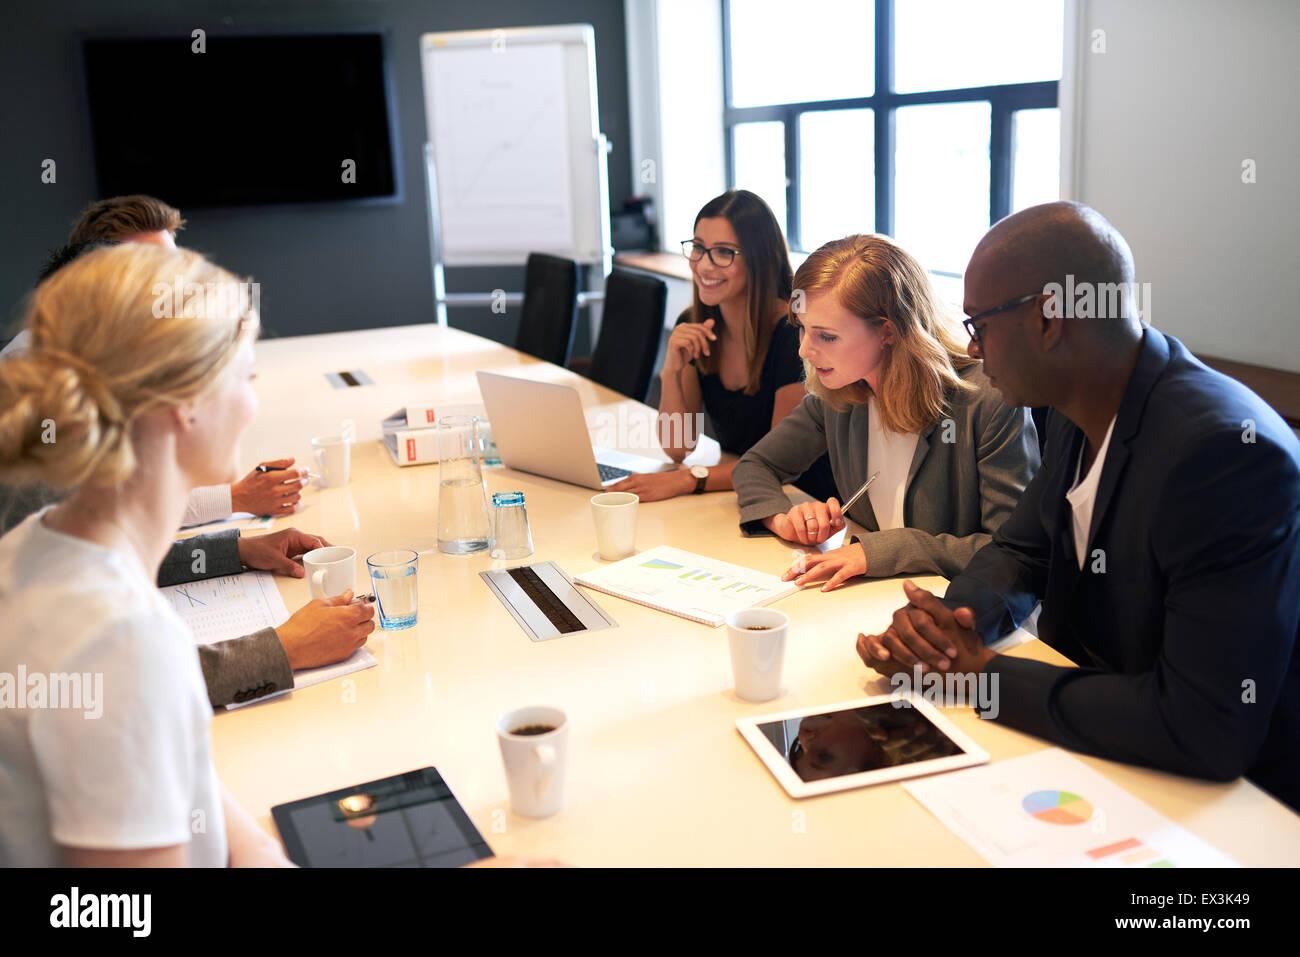 Grupo de jóvenes ejecutivos de celebrar una reunión en una sala de conferencias Imagen De Stock